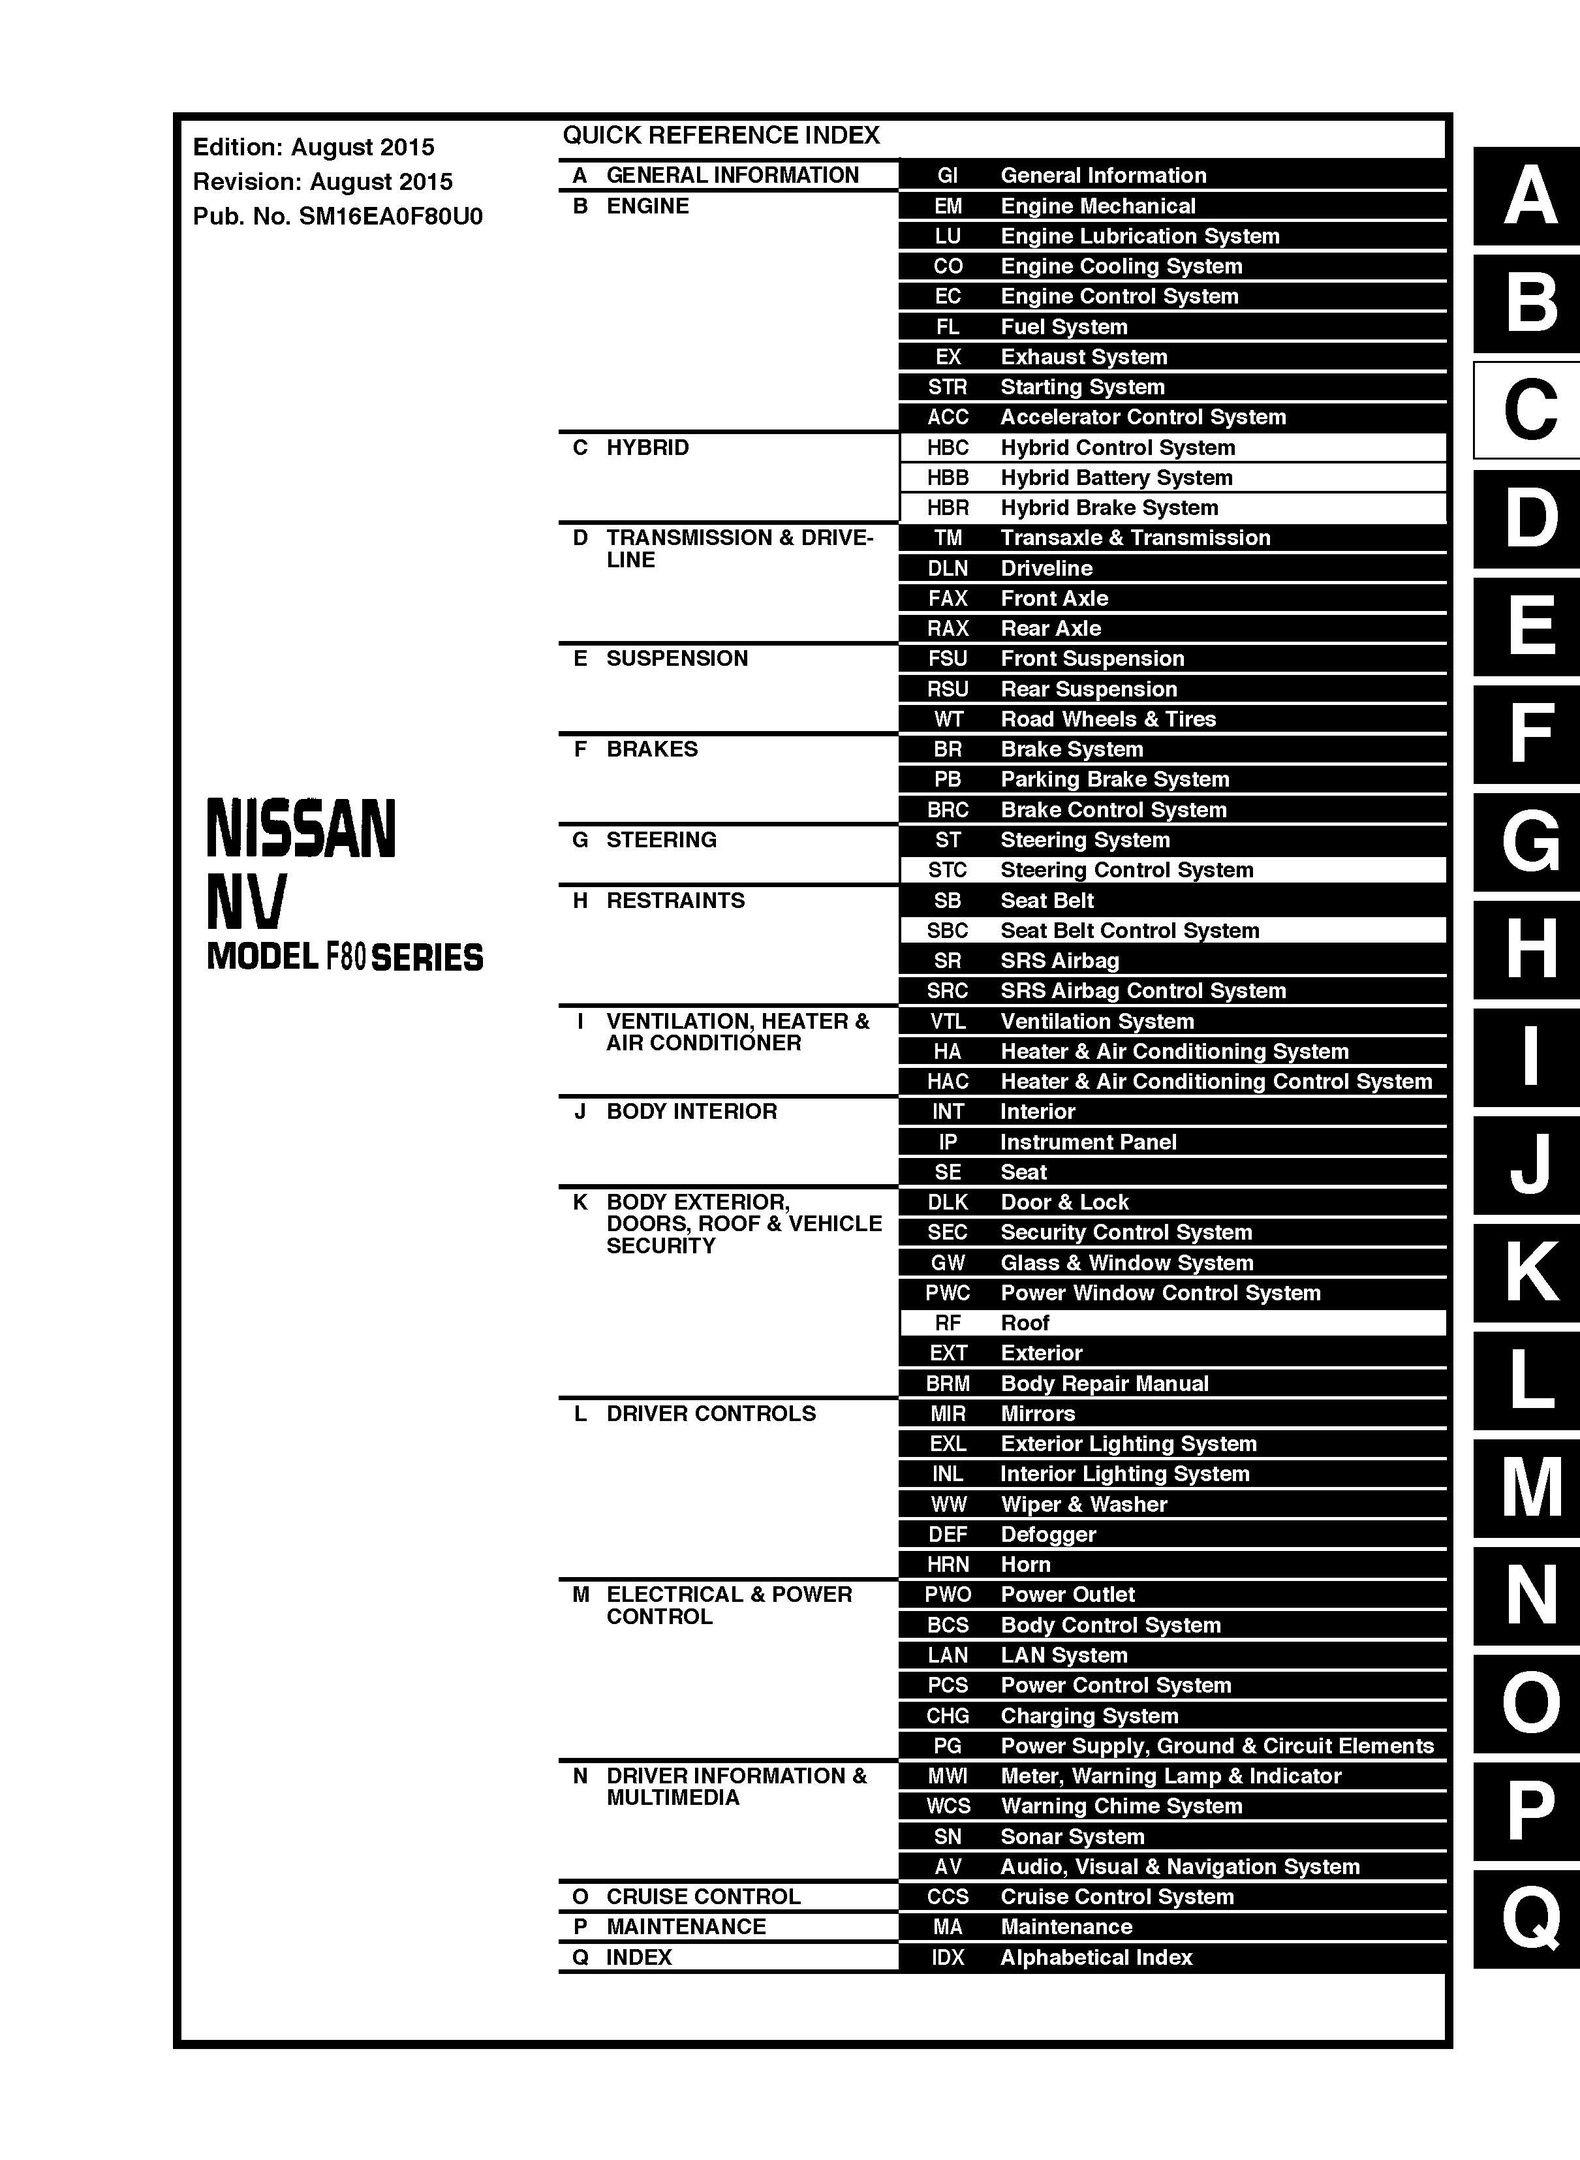 2016 nissan nv passenger f80 series oem service and repair manual rh pinterest com repair manual nissan h20k03310 repair manual nissan patrol y61